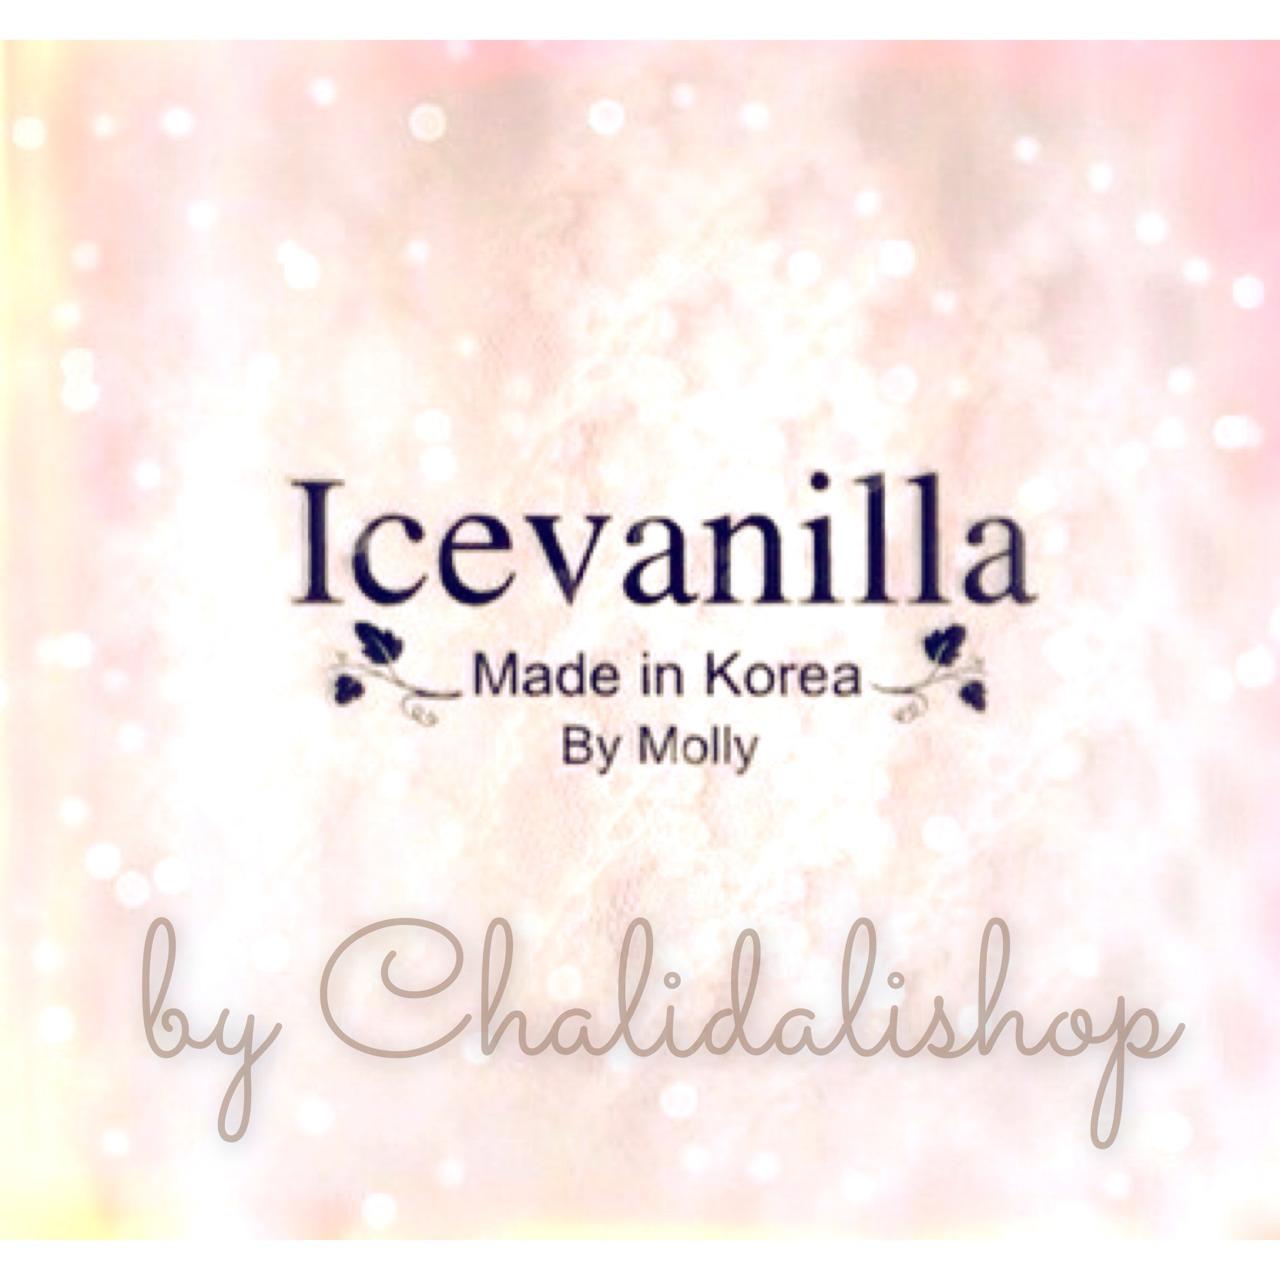 แคตตาล็อก เสื้อผ้าแฟชั่น แบรนด์ Ice Vanilla พร้อมส่ง